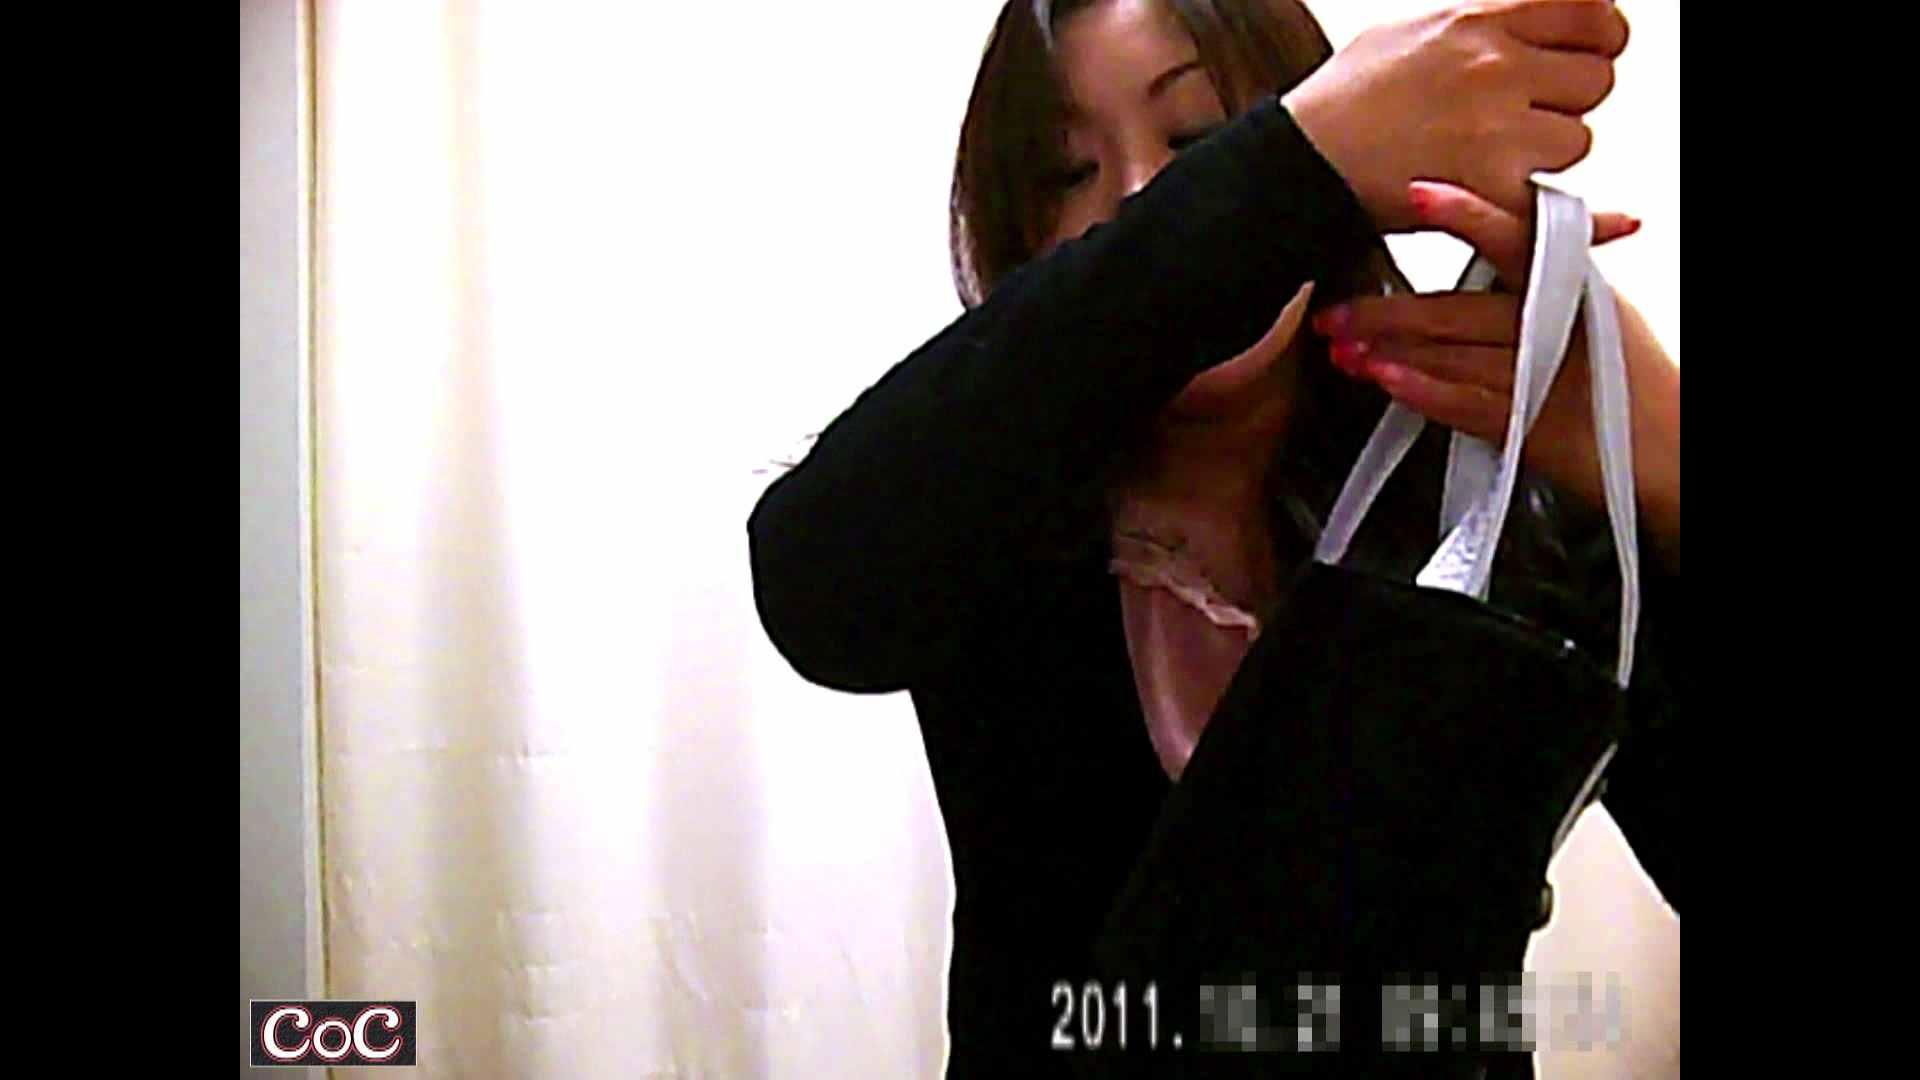 病院おもいっきり着替え! vol.67 巨乳 のぞき動画画像 91PICs 33